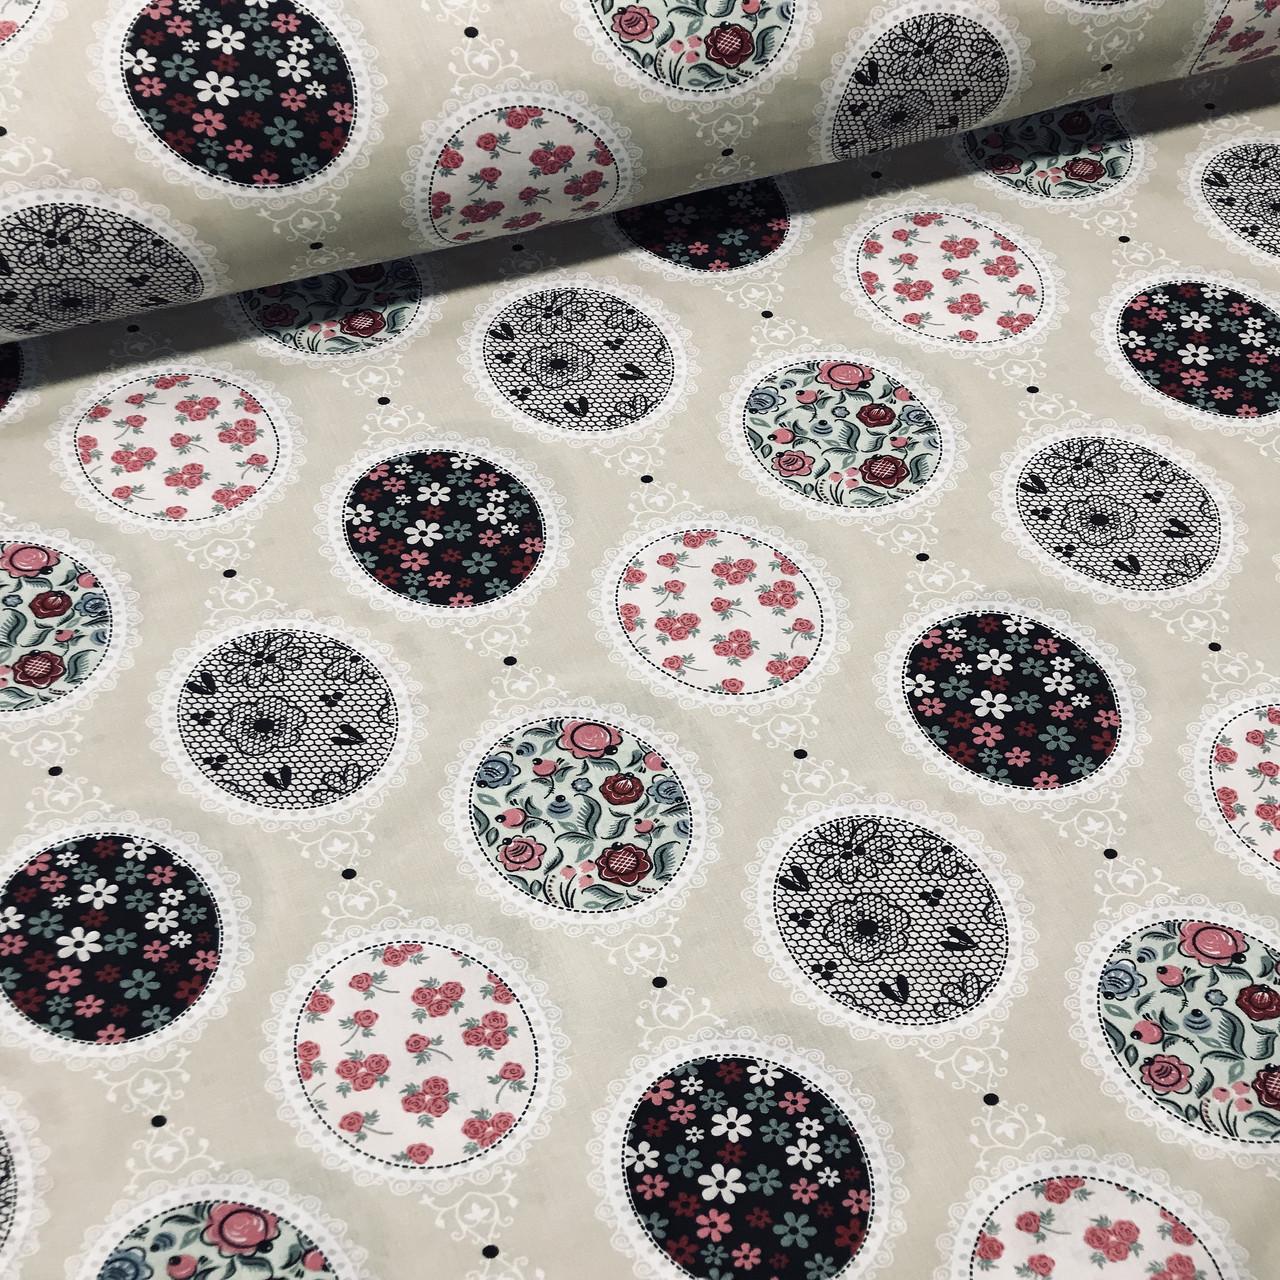 Хлопковая ткань польская кружева, овалы с рисунками на бежевом №74